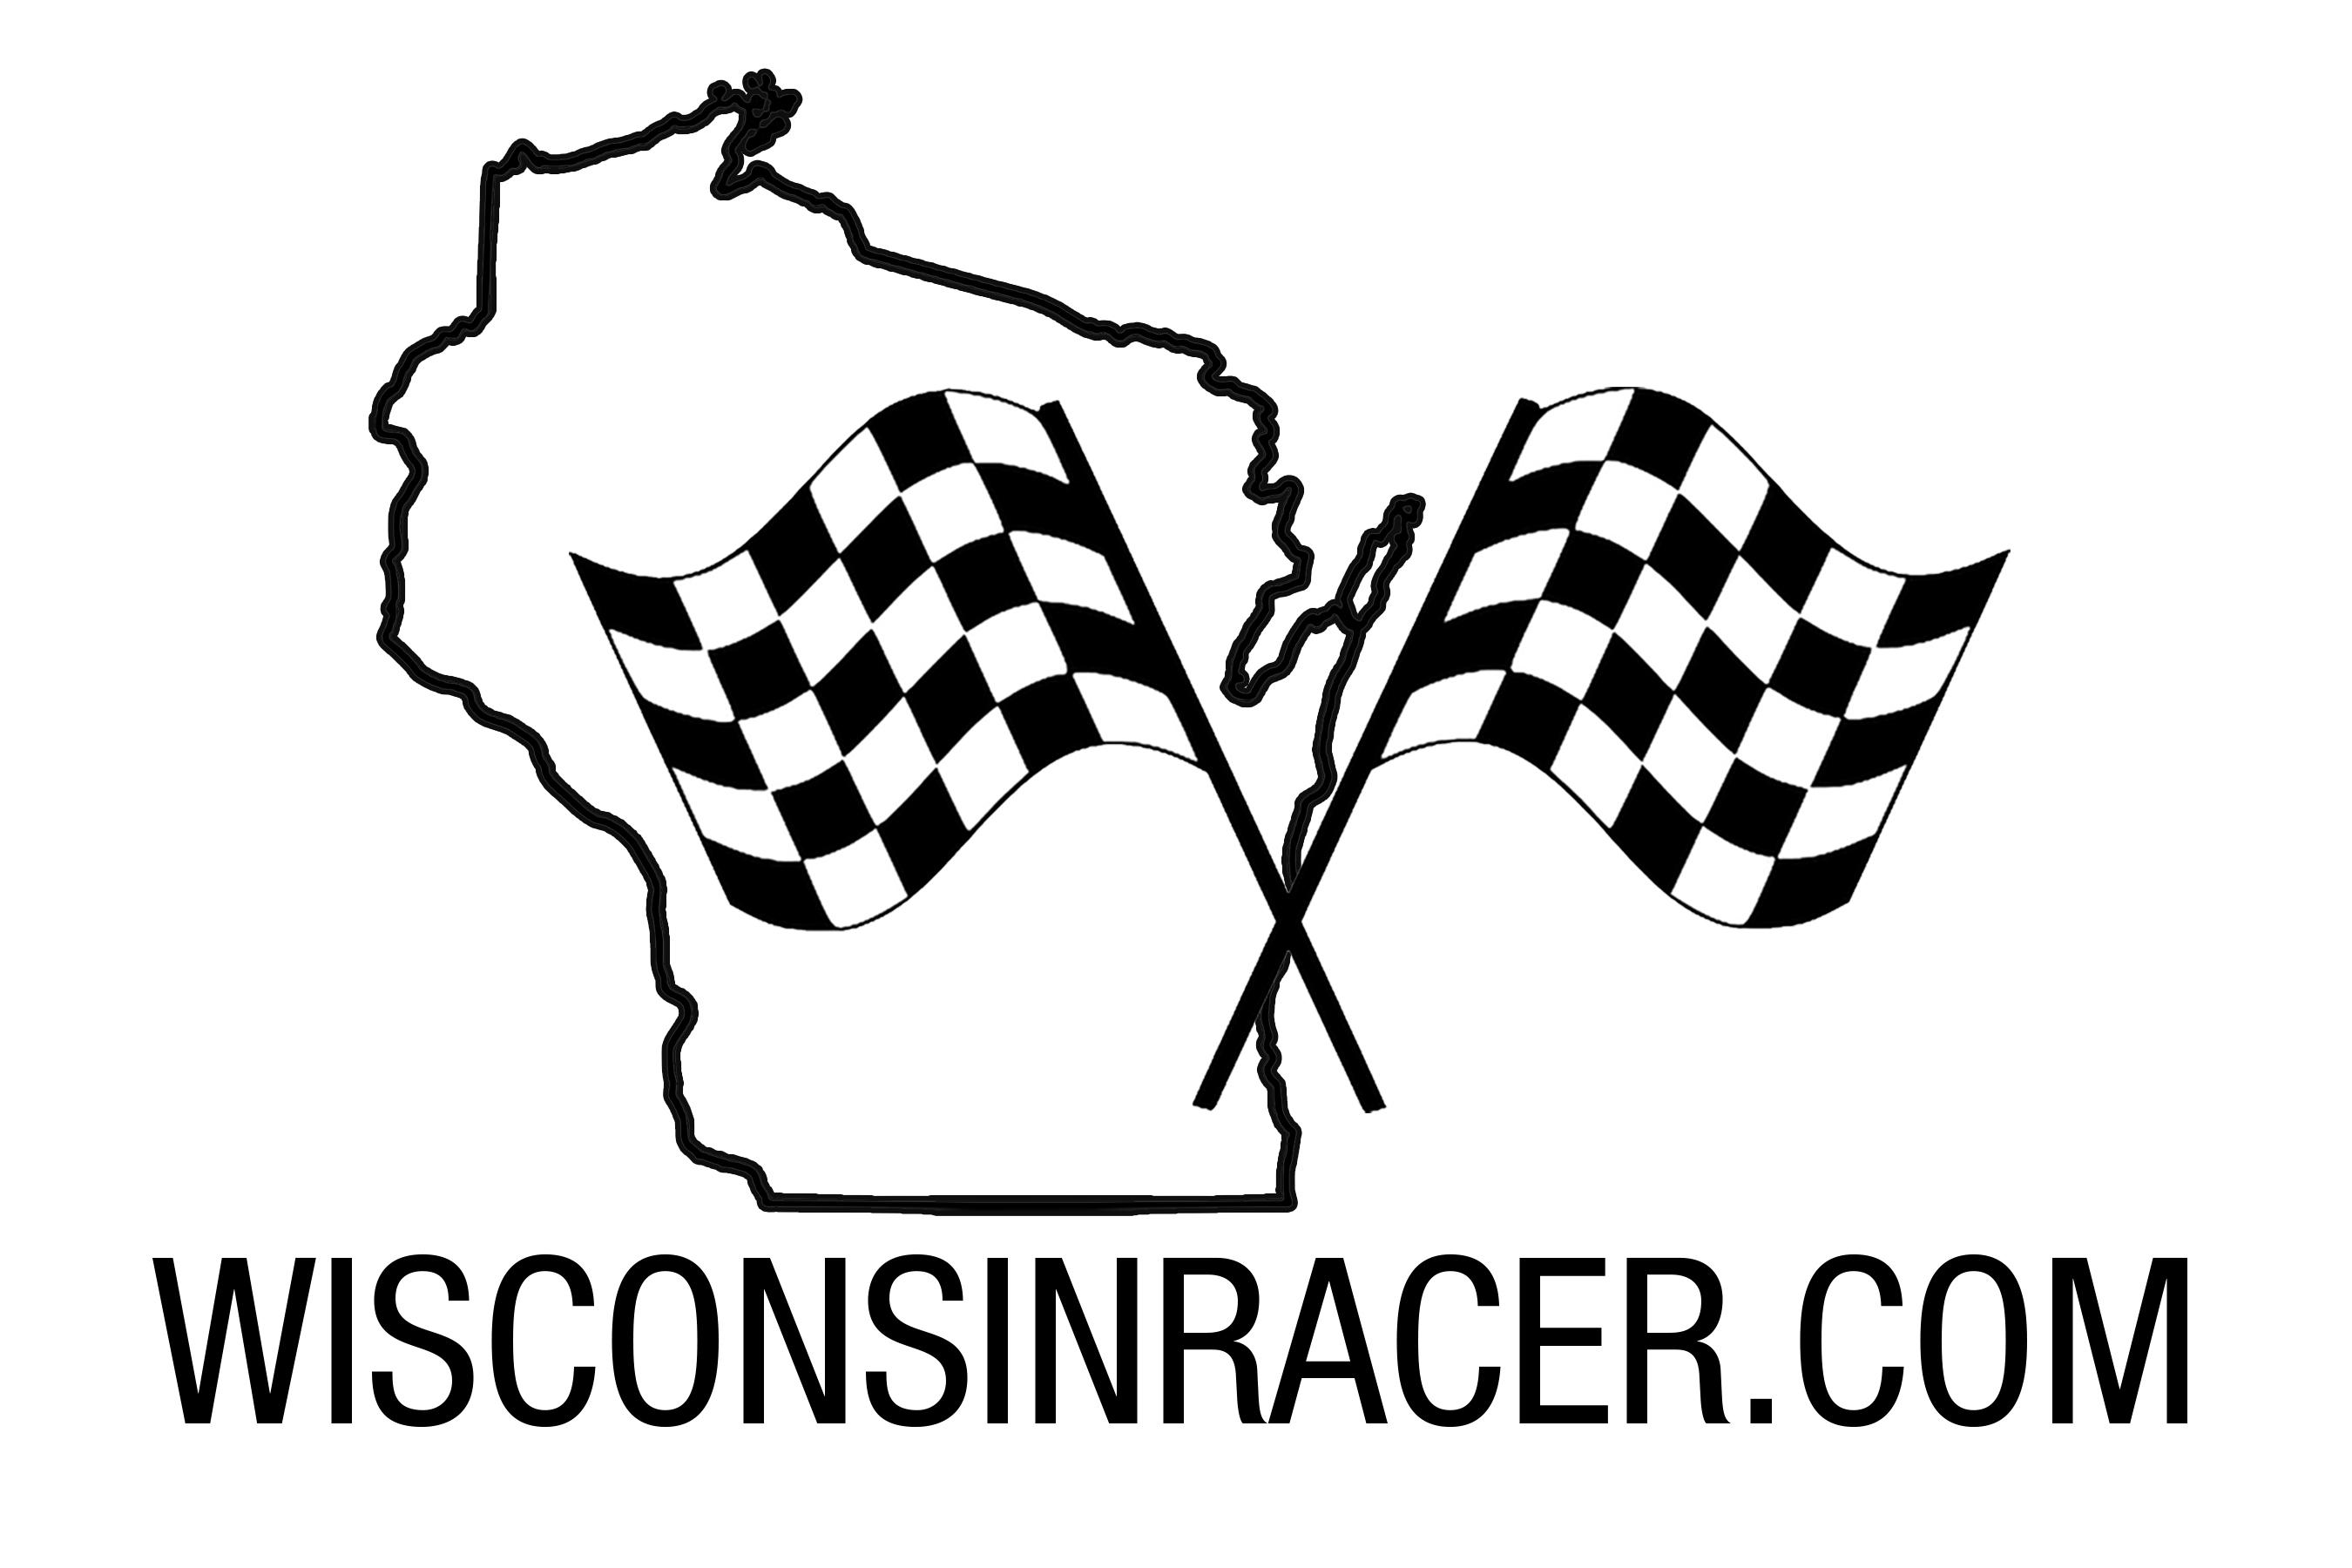 Wisconsin Racer